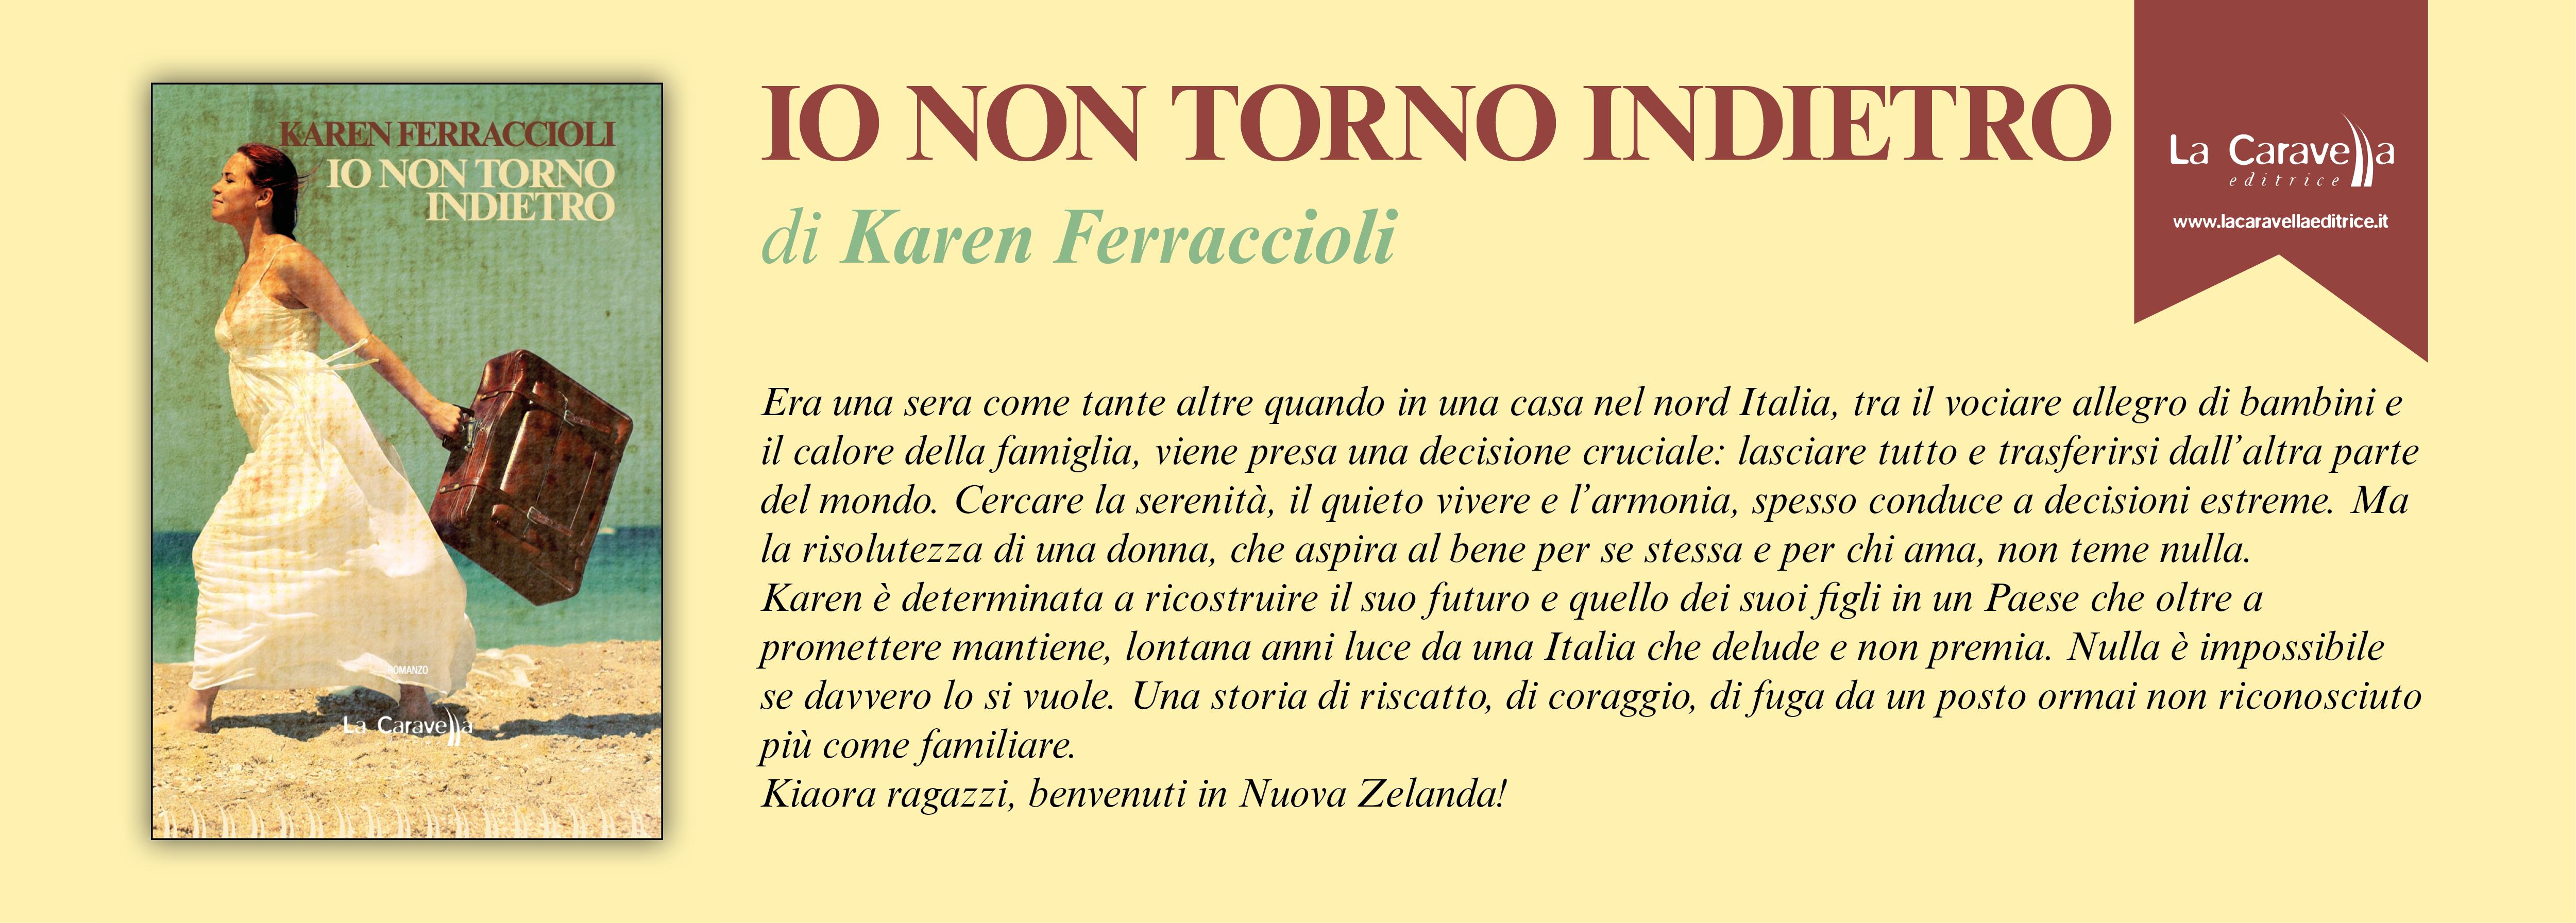 NUOVE USCITE: IO NON TORNO INDIETRO di Karen Ferraccioli